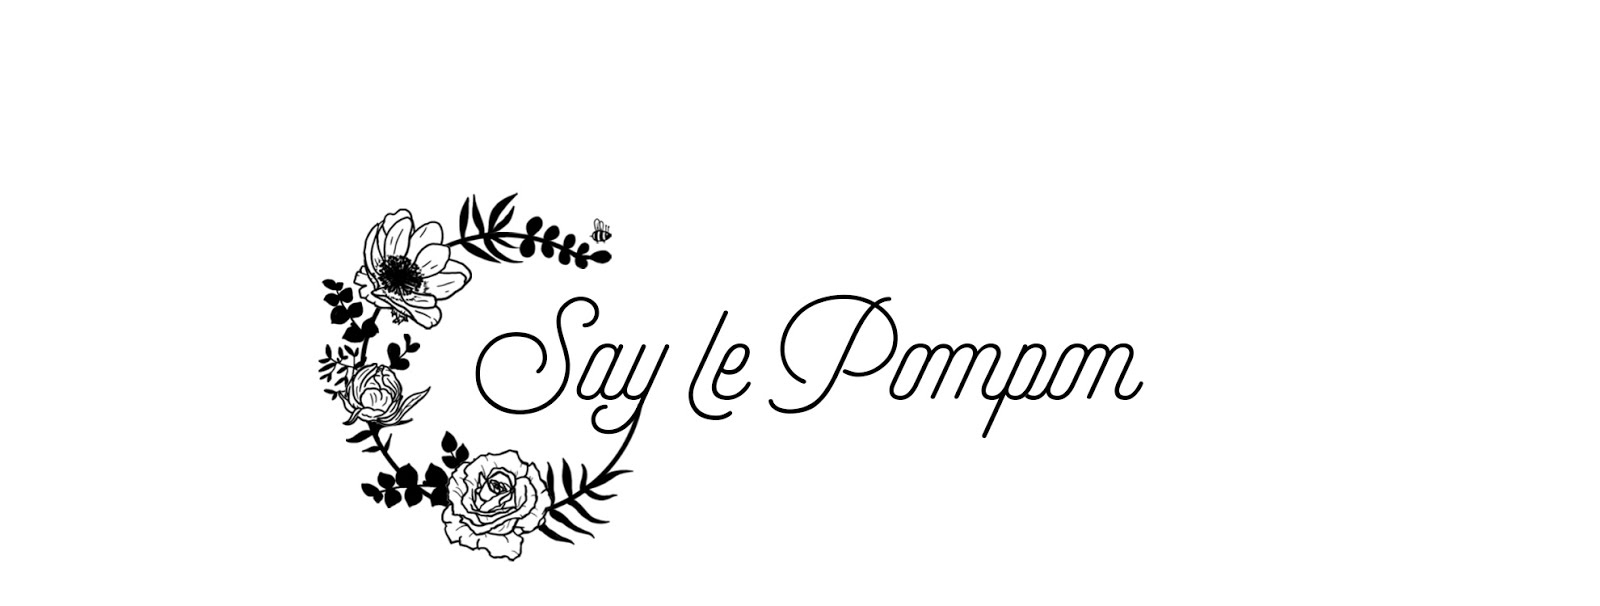 Say le pompon